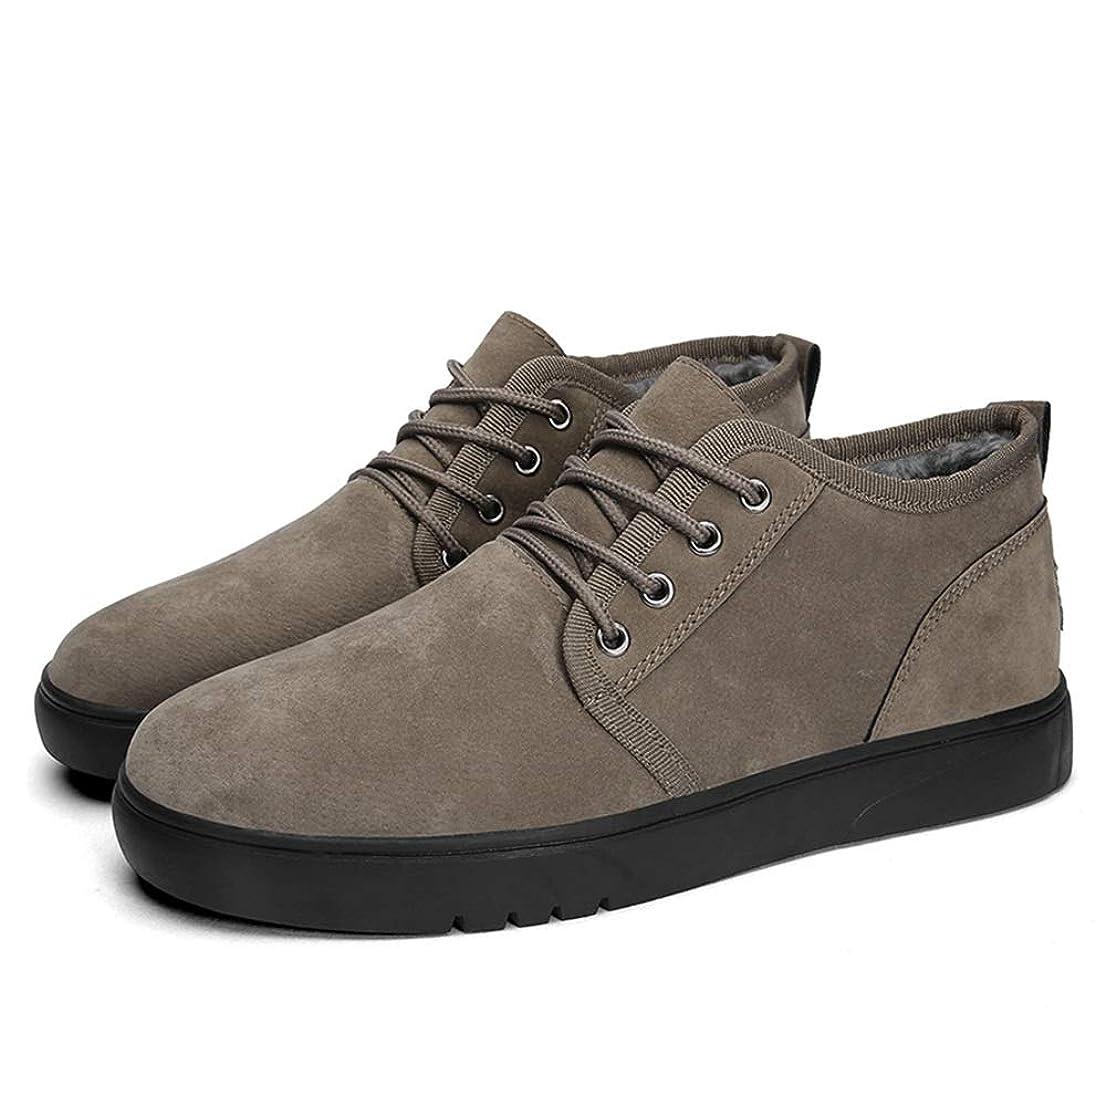 わかる不合格式CHENJUAN 靴メンズファッションアンクルコットンブーツカジュアルクラシックラウンドトゥウィンターフェイクフリース内側ハイトップシューズ